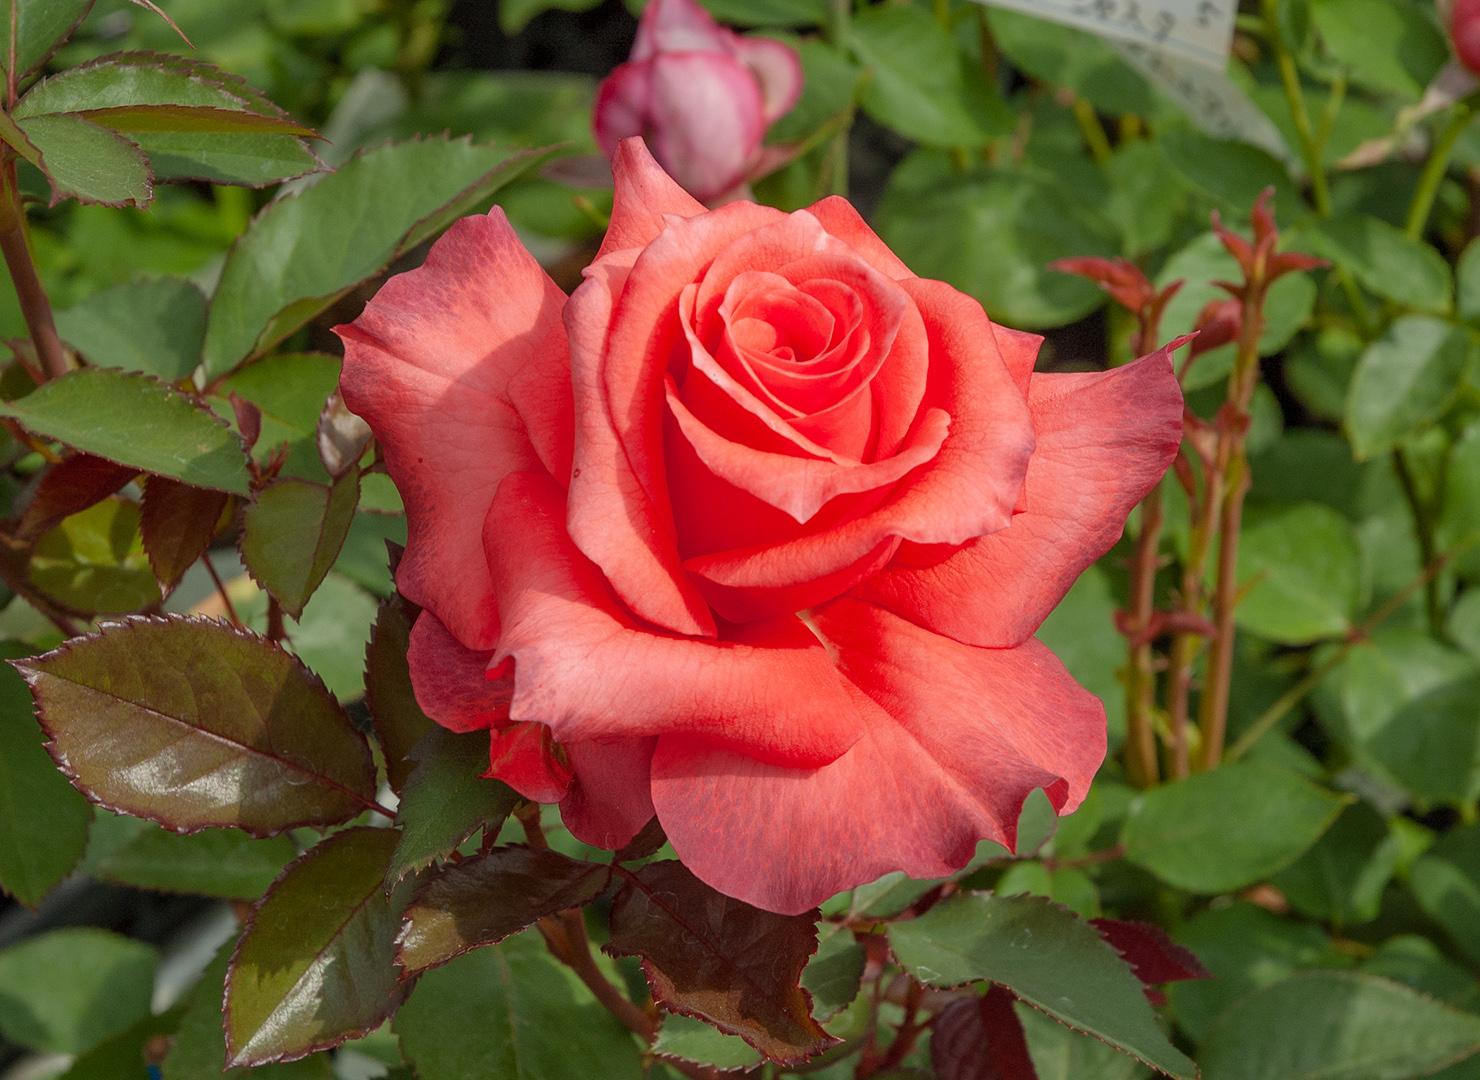 レディ ローズ - Lady Rose